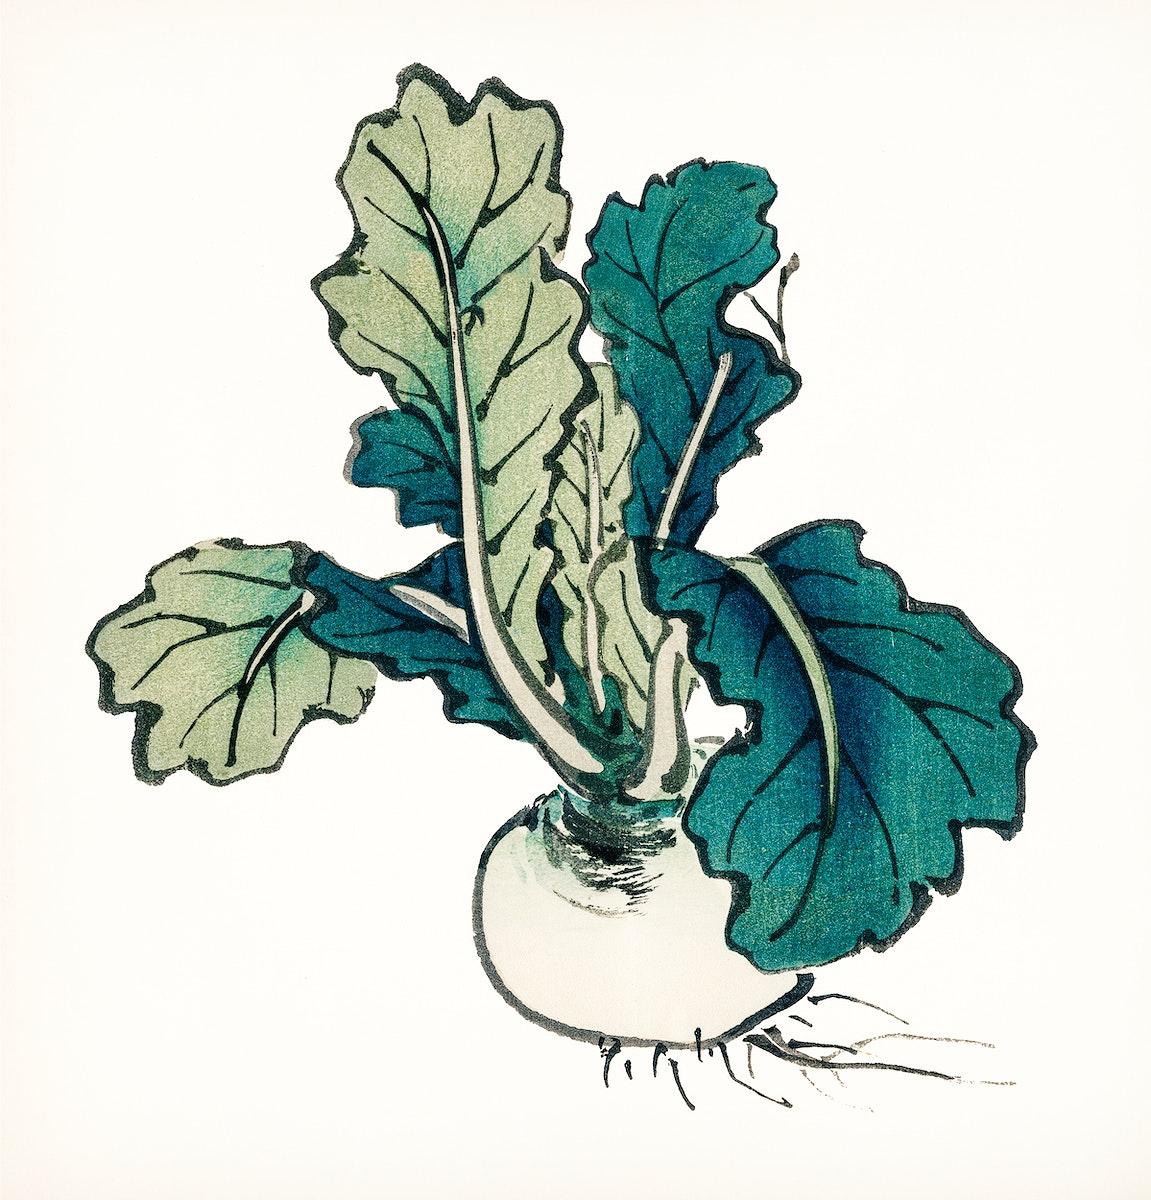 Vintage Illustration of Radish.